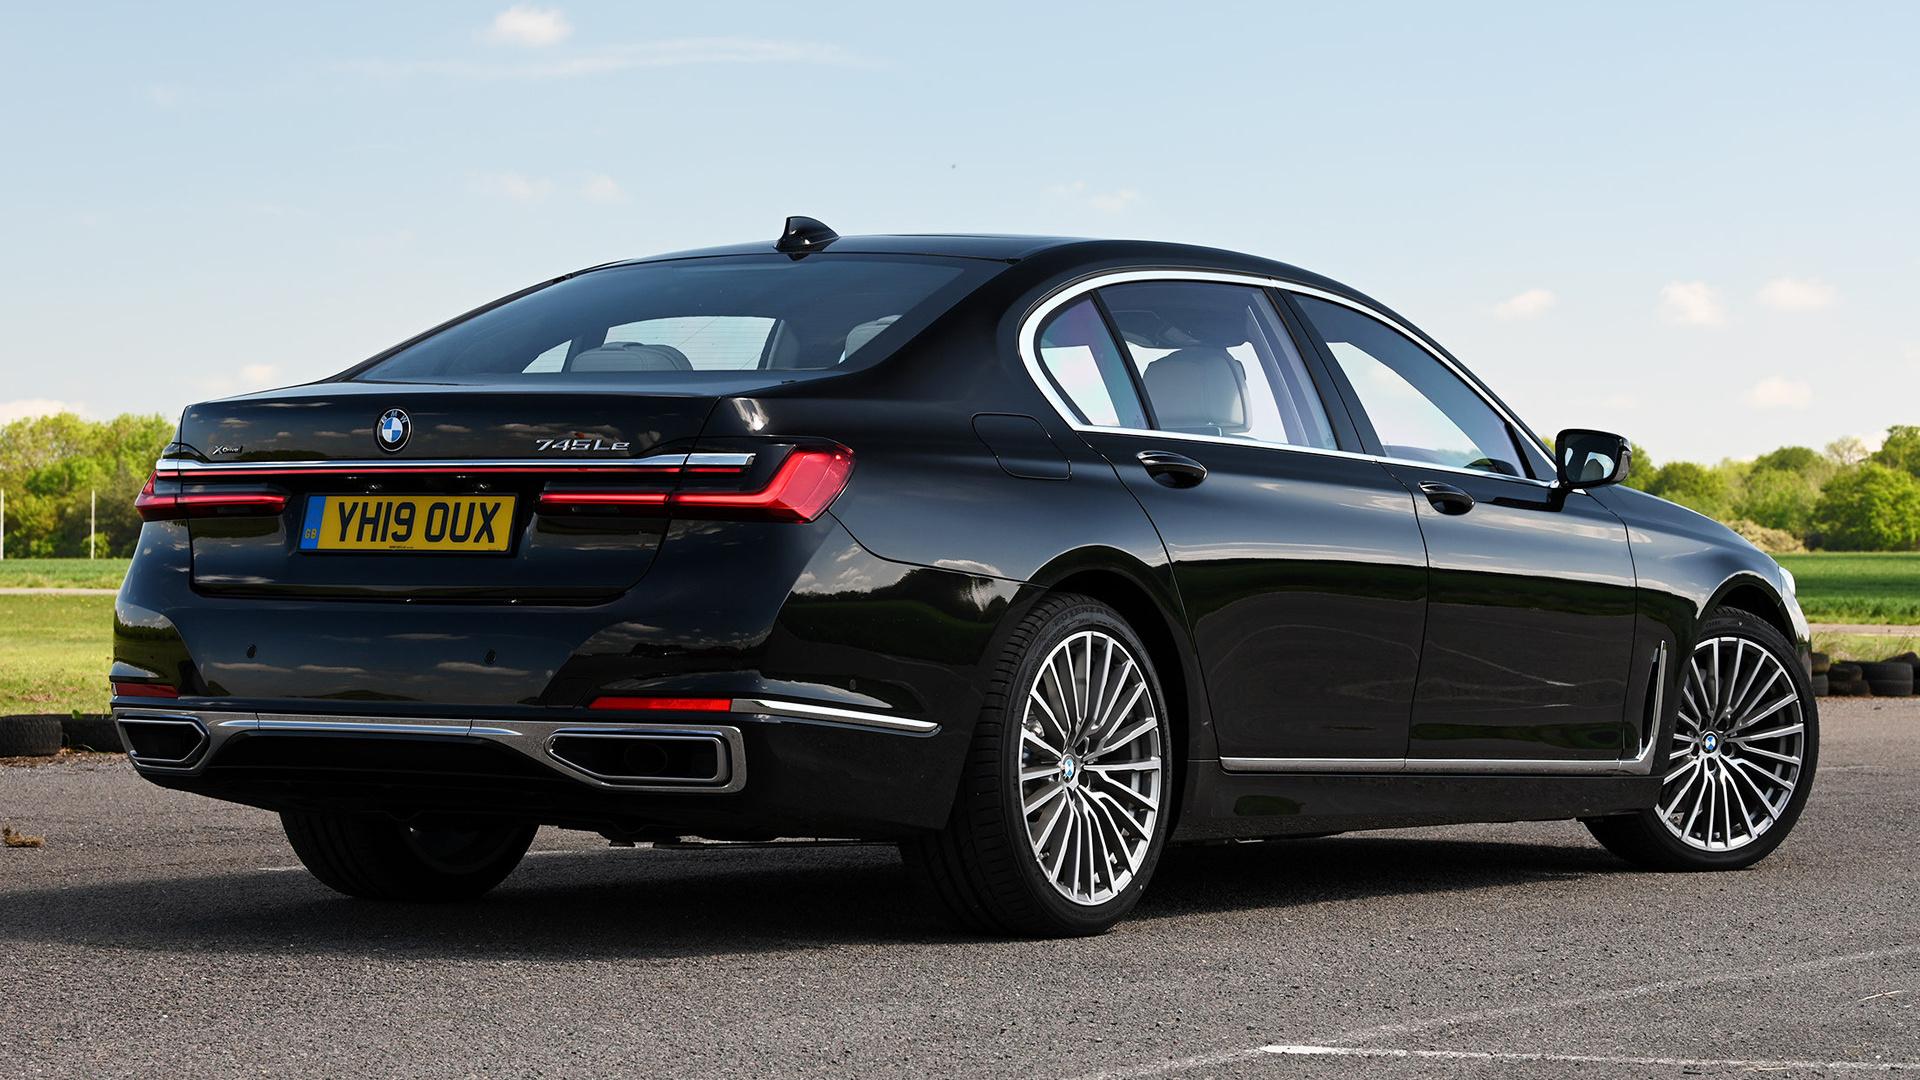 2019 BMW 7 Series Plug-In Hybrid LWB (UK) - Wallpapers ...